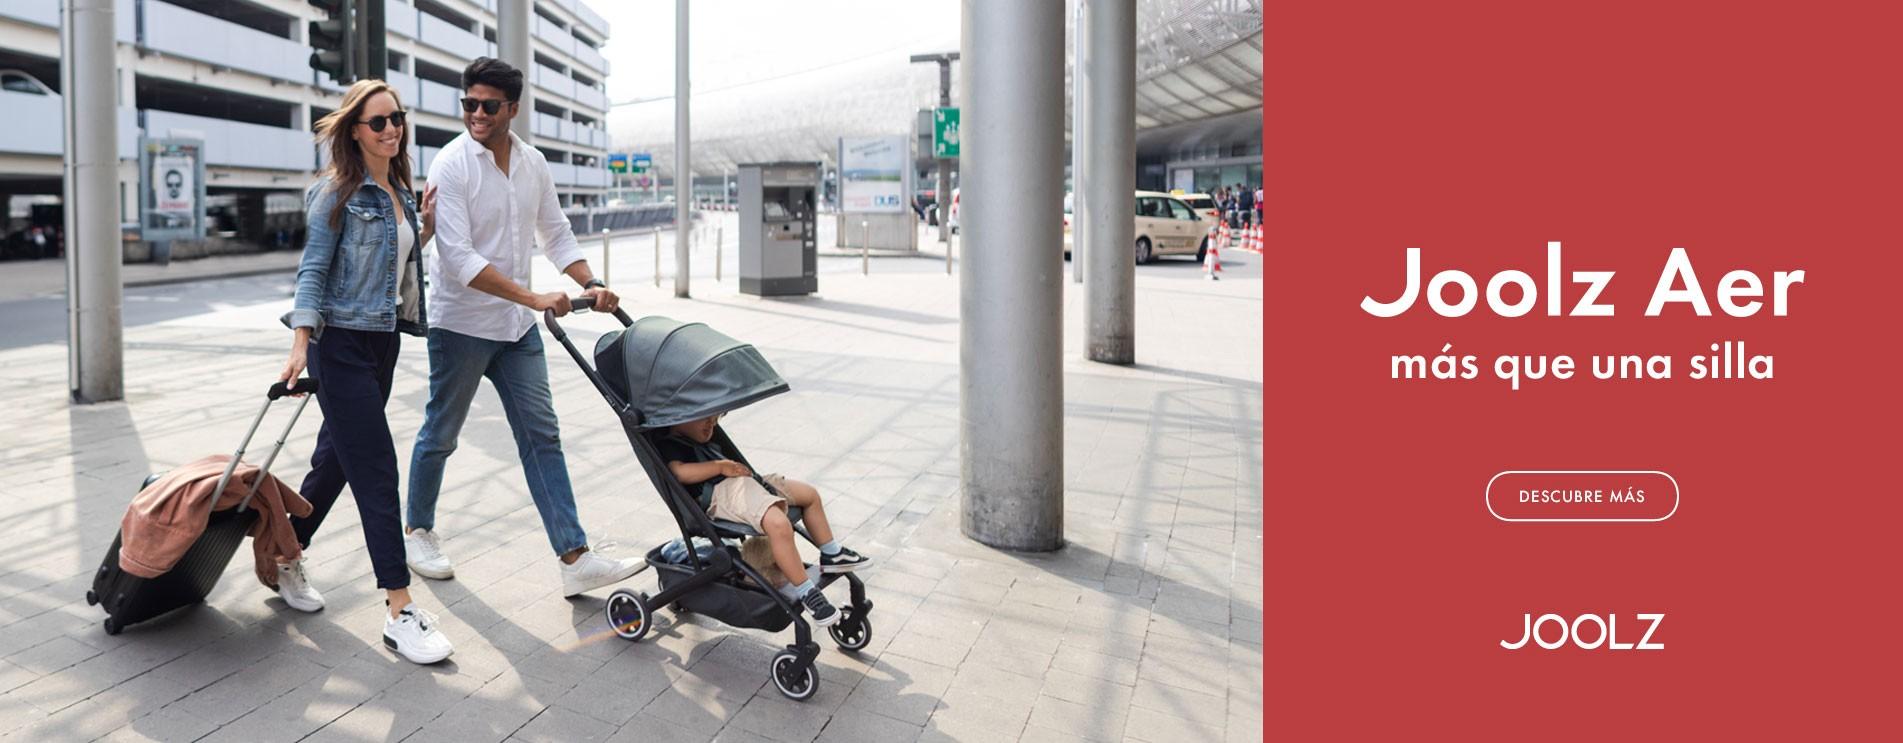 Joolz Aer, más que una silla